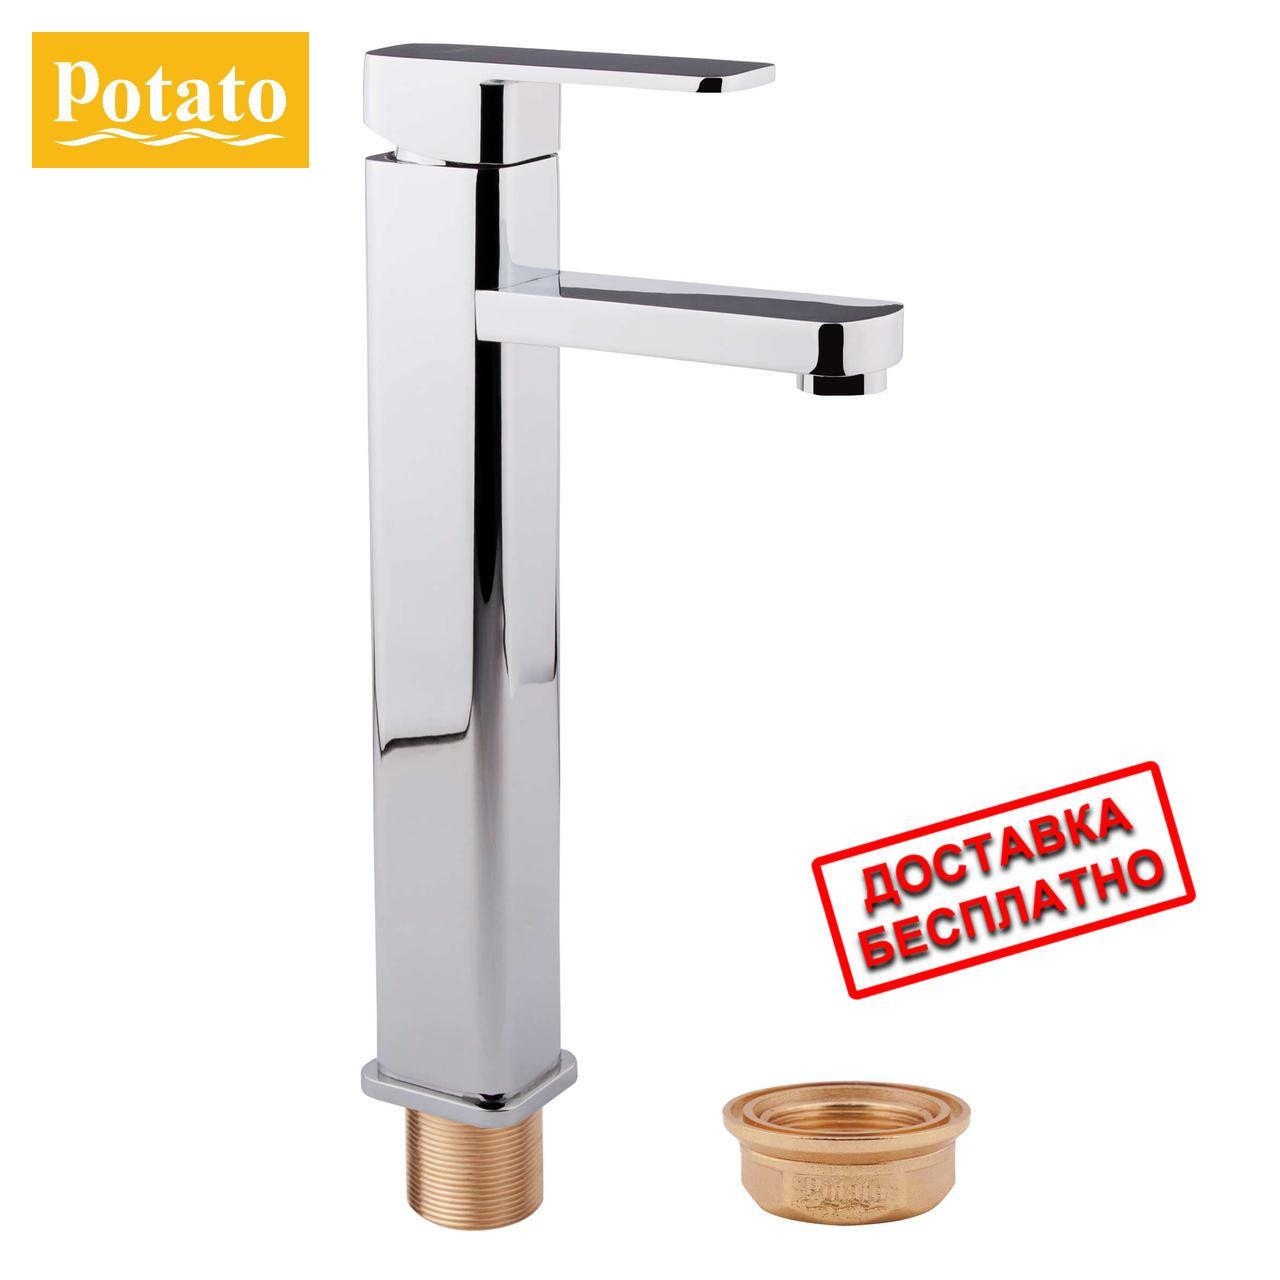 Смеситель для раковины POTATO P1006-2